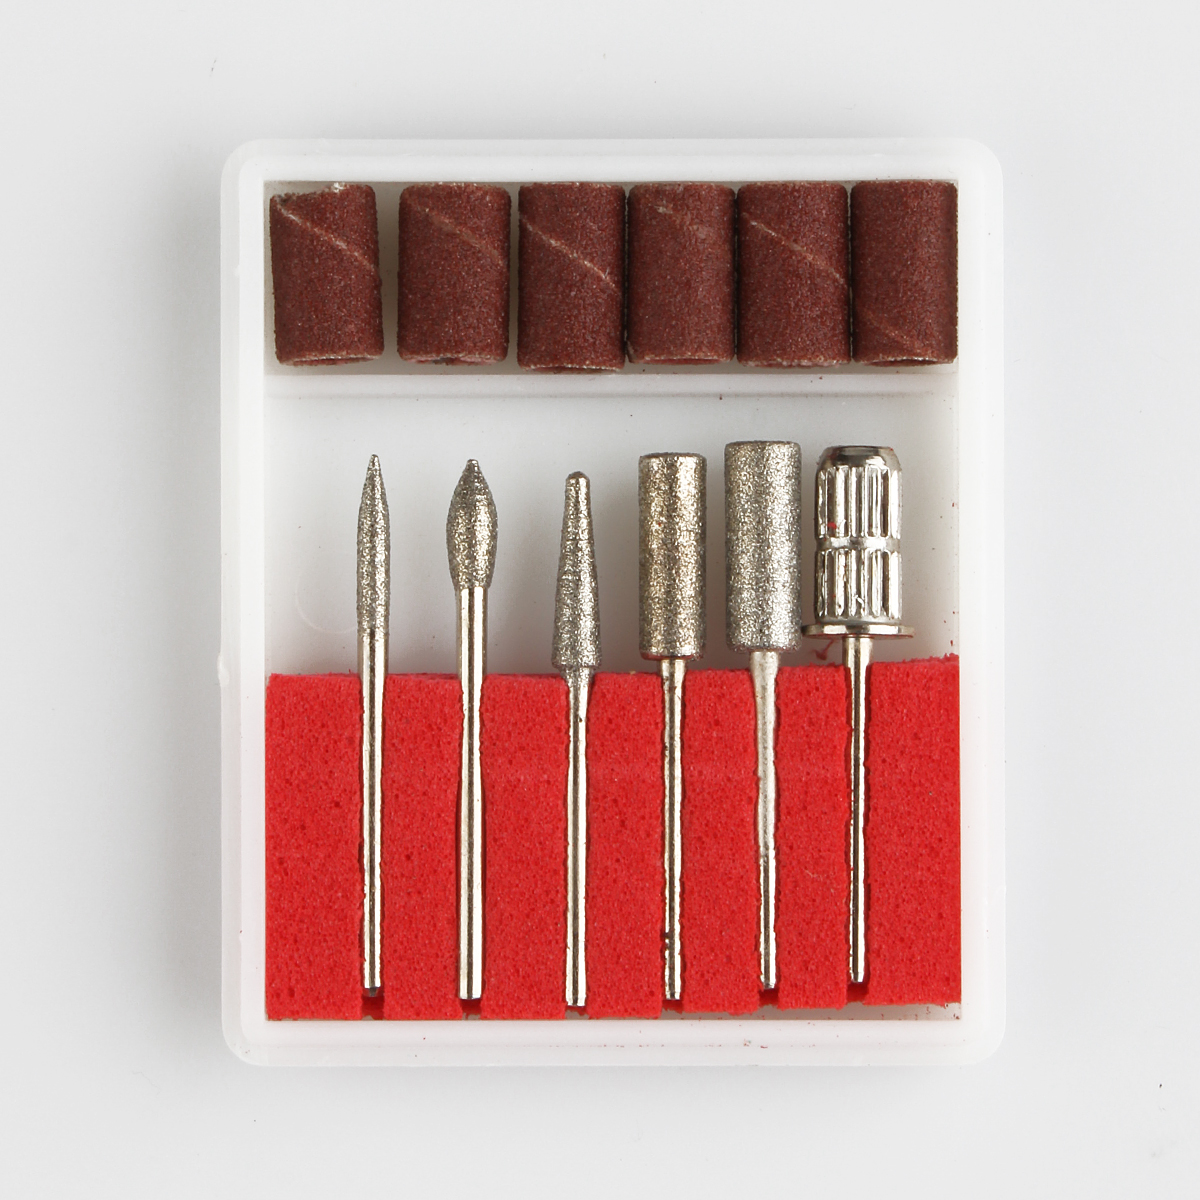 broca arquivo ferramenta de polimento da arte